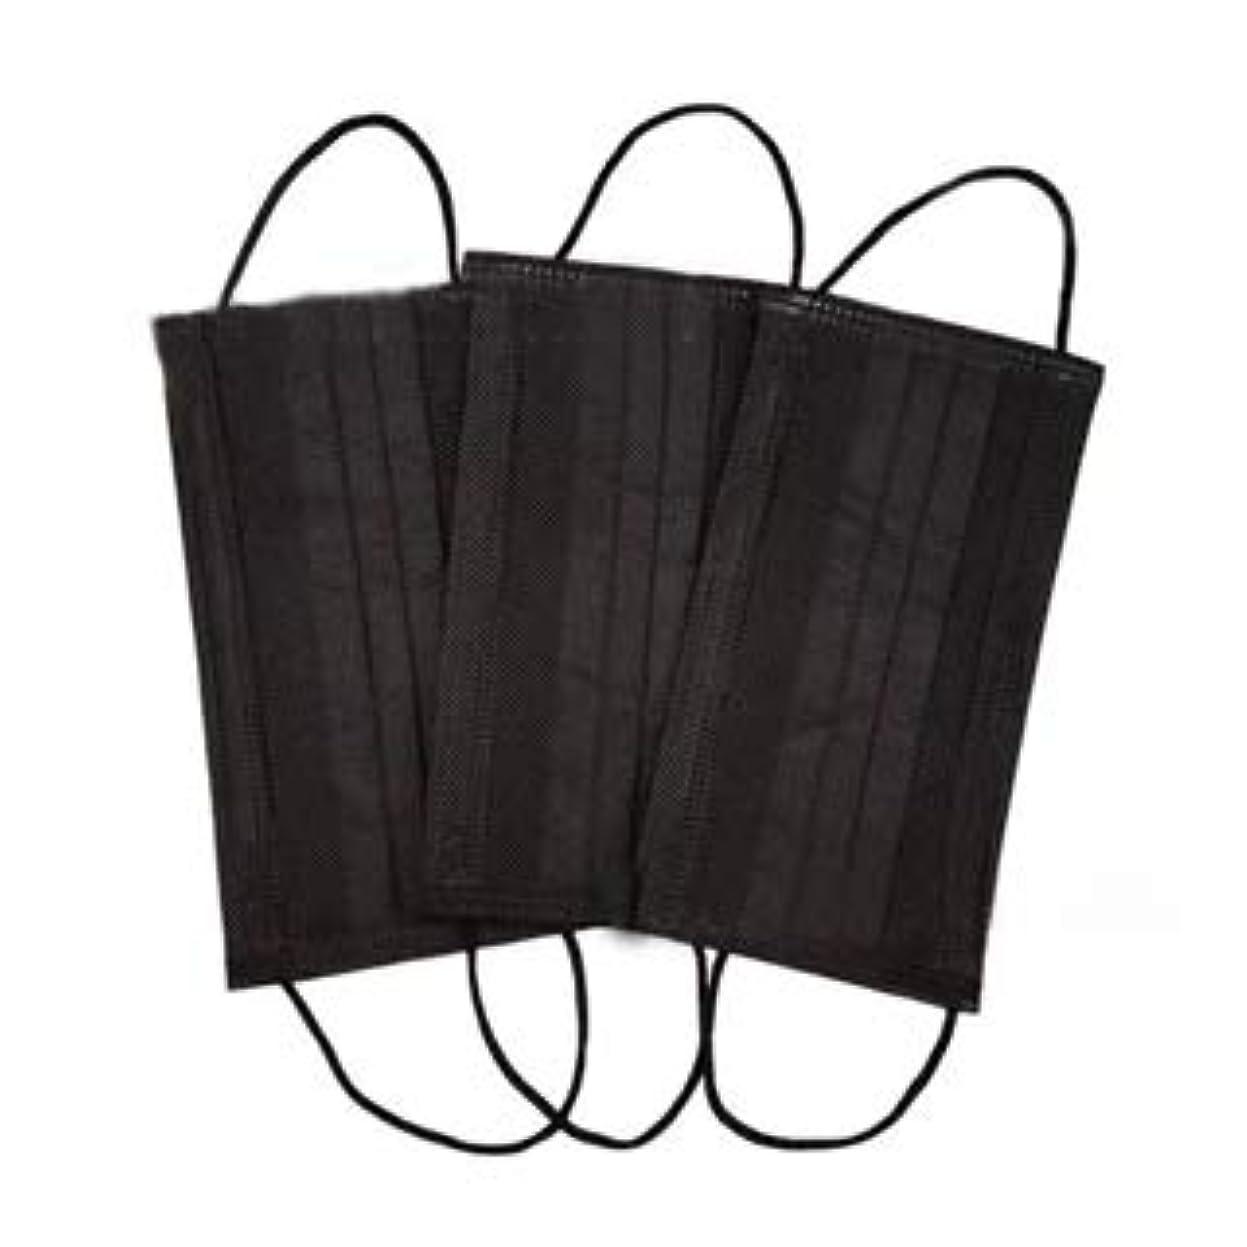 動機分解する照らす使い捨てマスク ブラック 6枚入り 不織布 フェイスマスク mask 黒